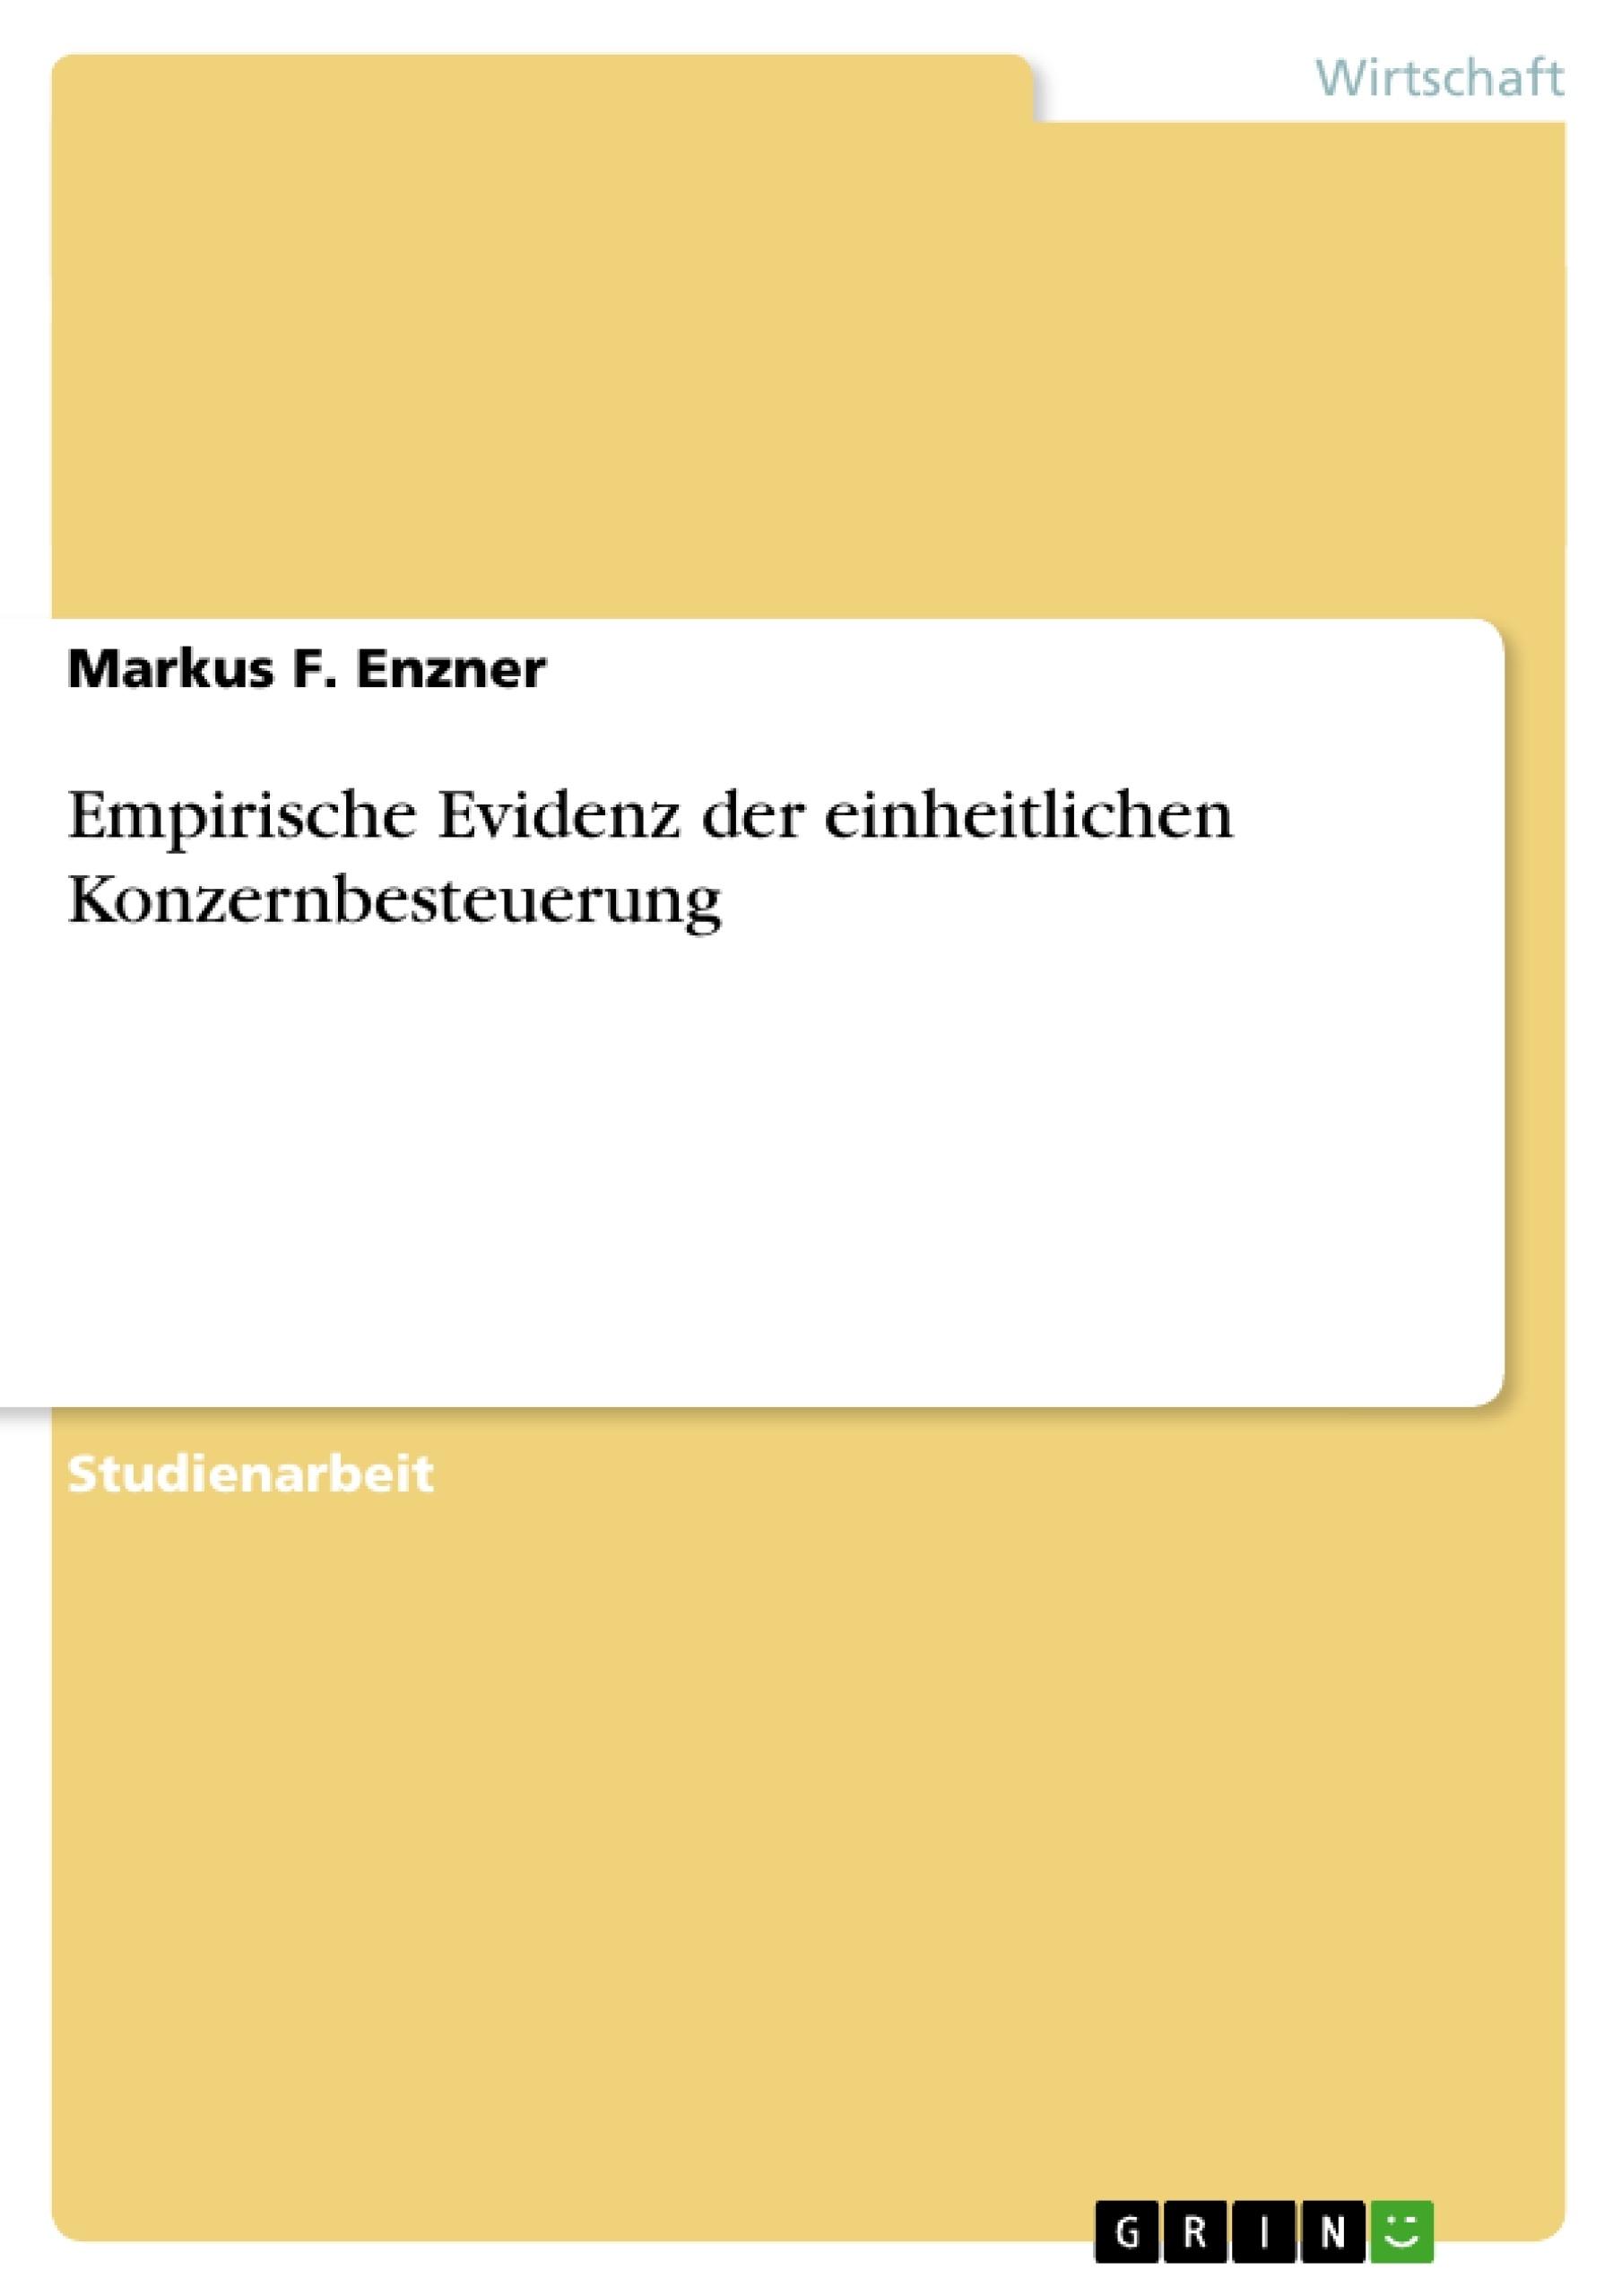 Titel: Empirische Evidenz der einheitlichen Konzernbesteuerung